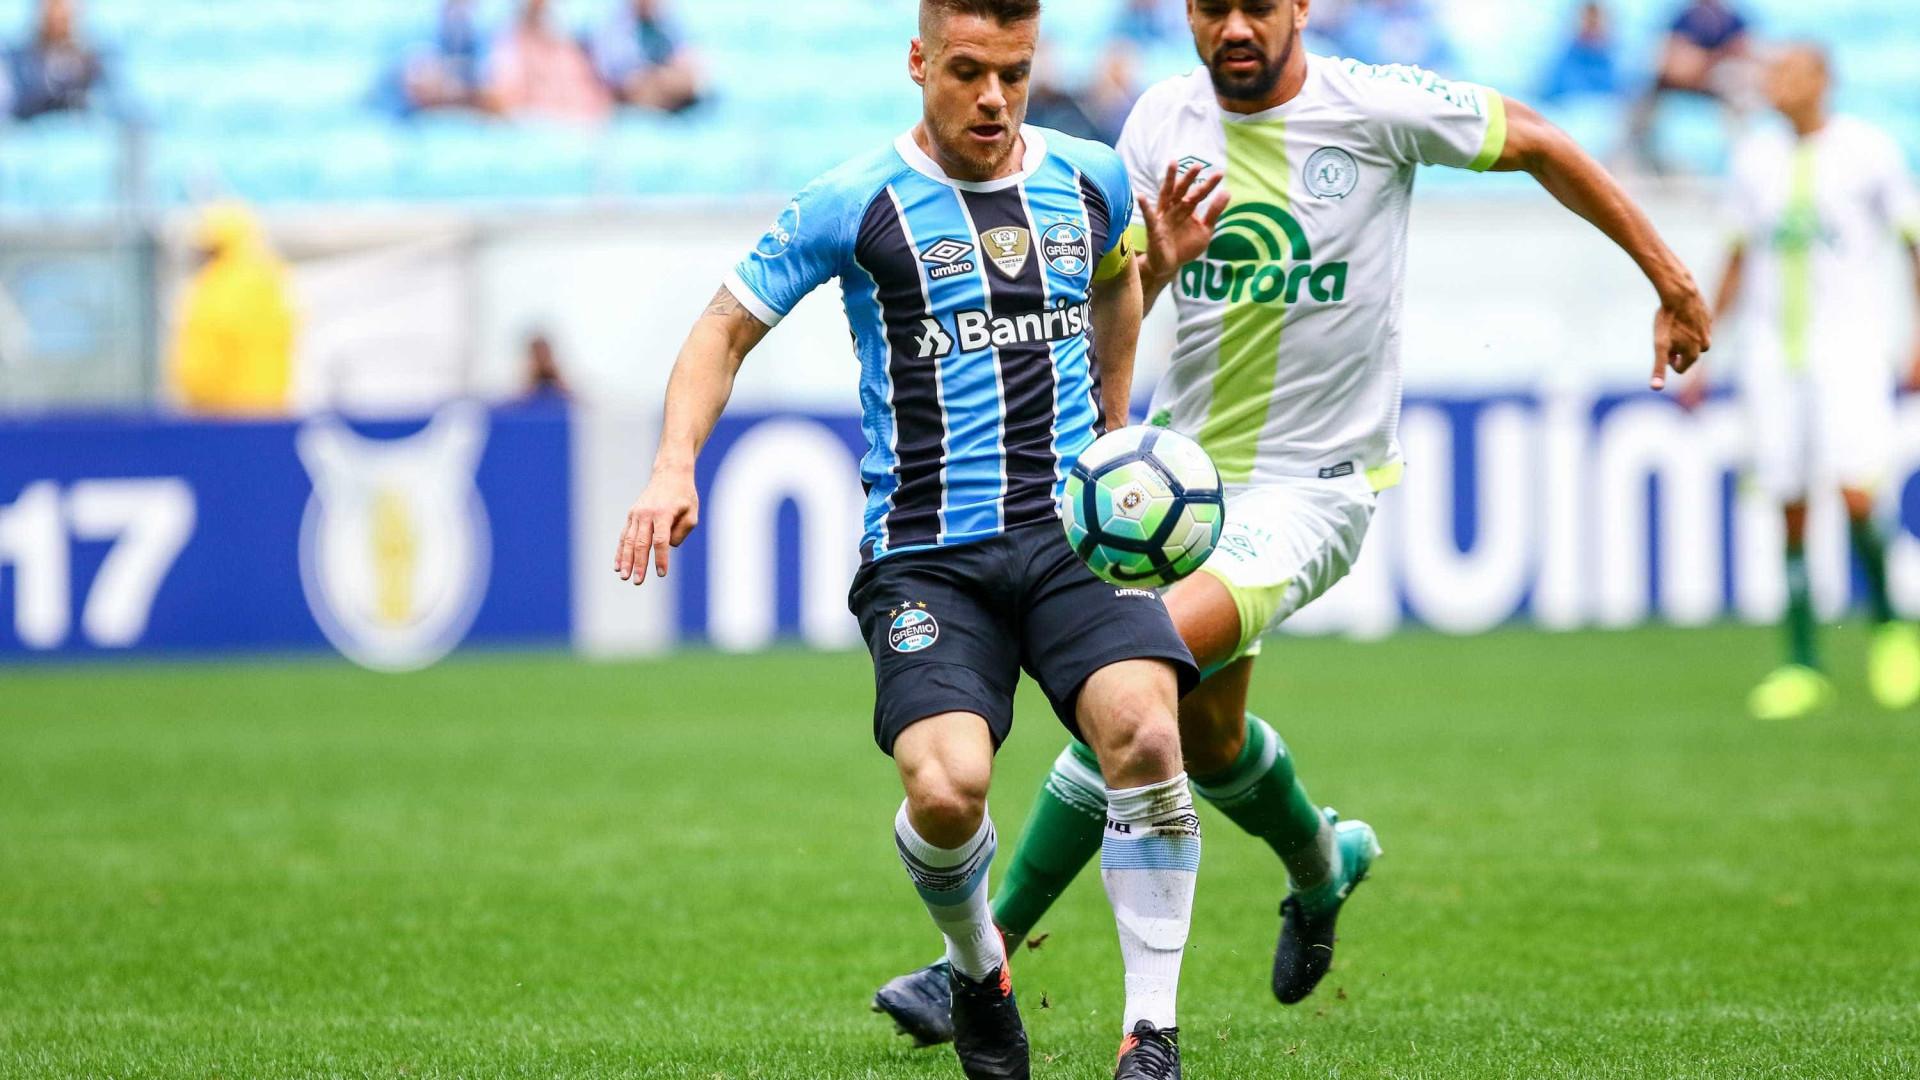 Grêmio perde da Chapecoense em casa e vê Corinthians abrir 10 pontos